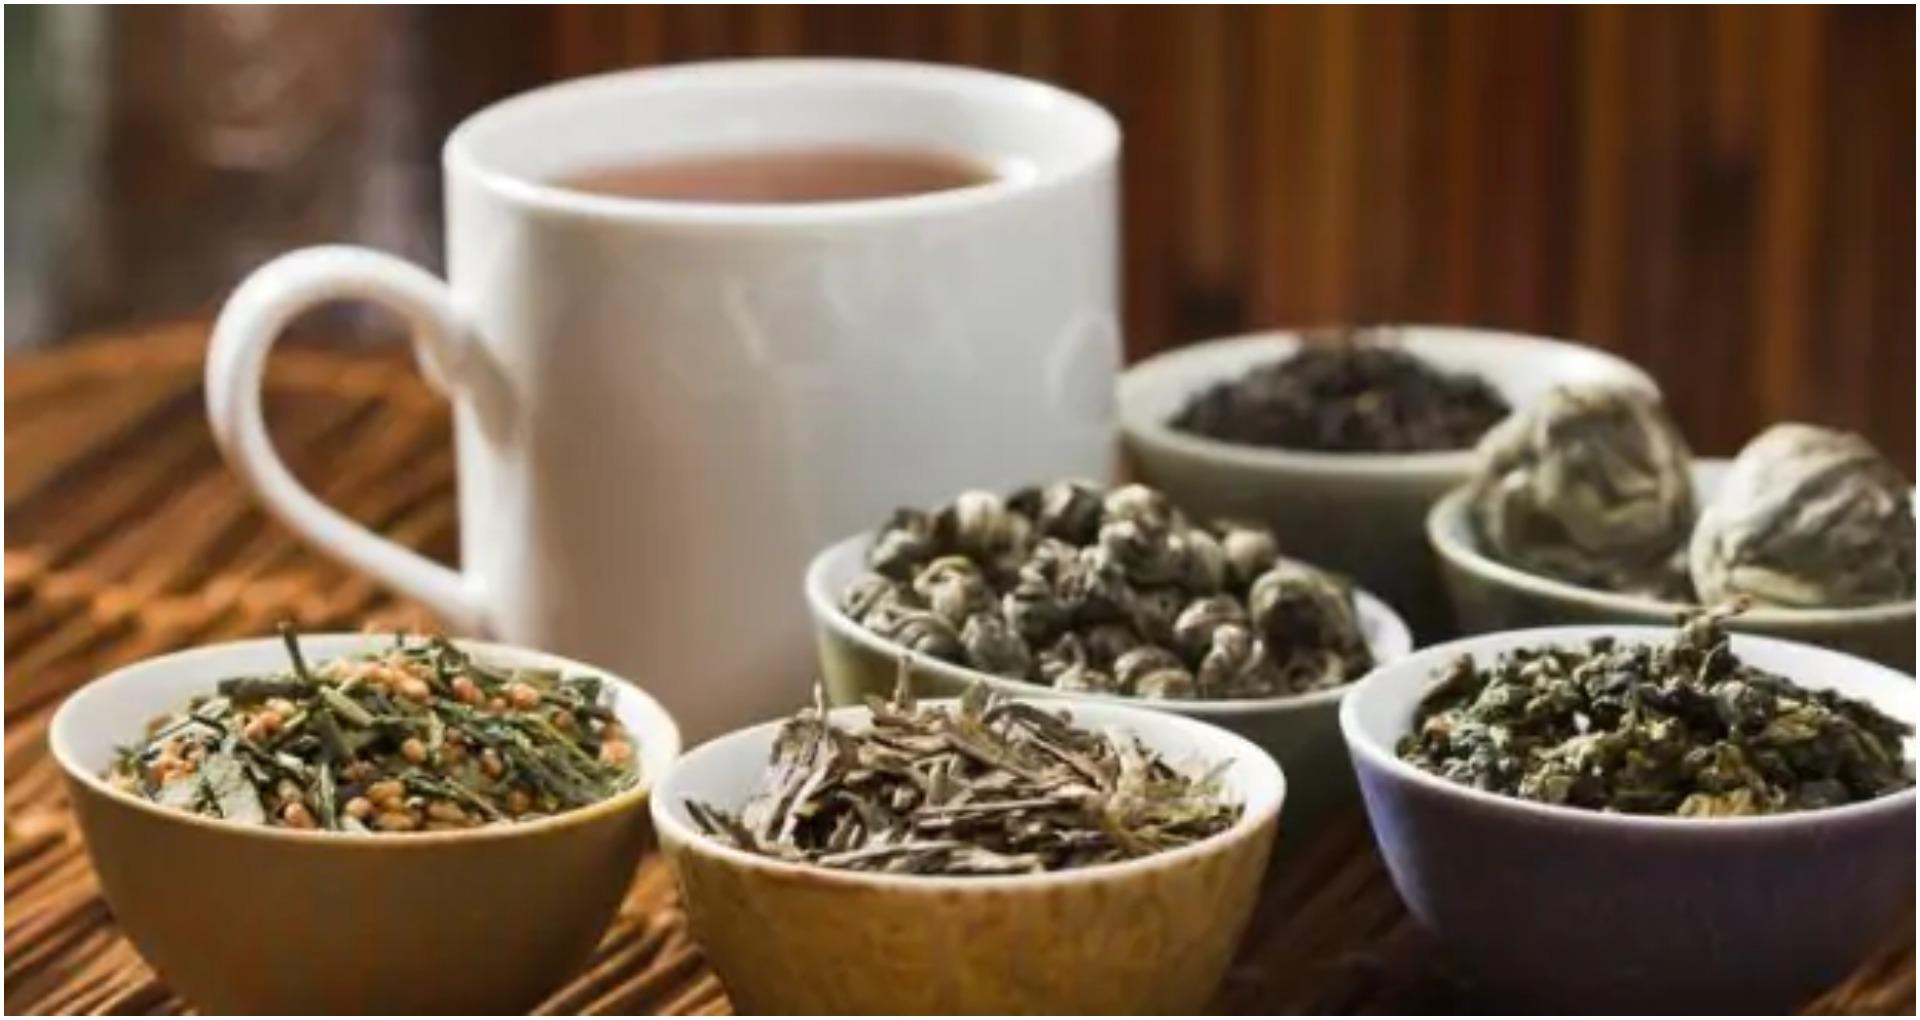 Tea For Weight Loss: ये चाय पिने से होगा आपकी सेहत को फायदा, पेट की चर्बी के साथ मोटापा भी होगा कम